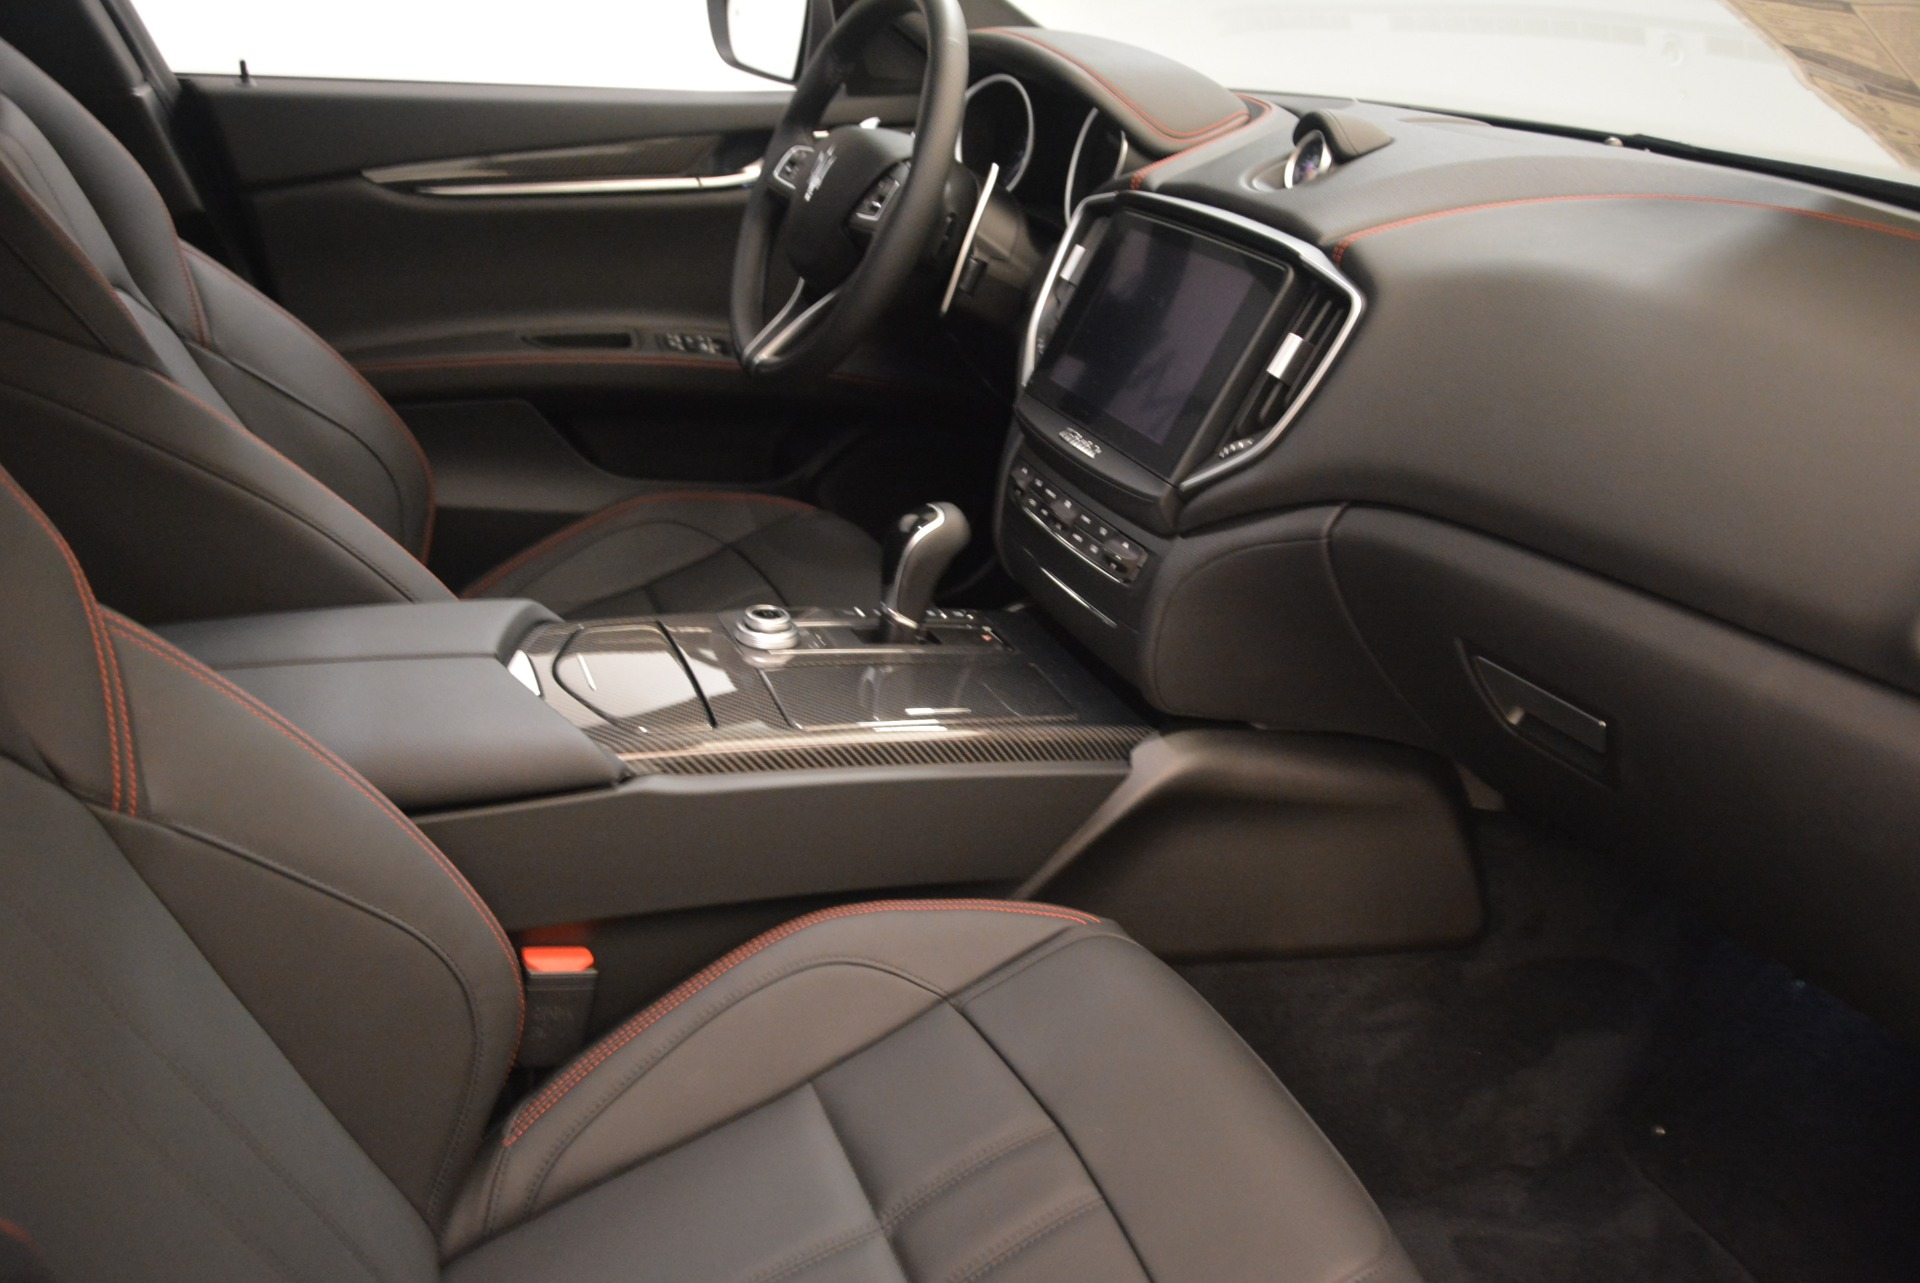 New 2018 Maserati Ghibli SQ4 GranSport Nerissimo For Sale In Greenwich, CT. Alfa Romeo of Greenwich, M2173 2368_p16